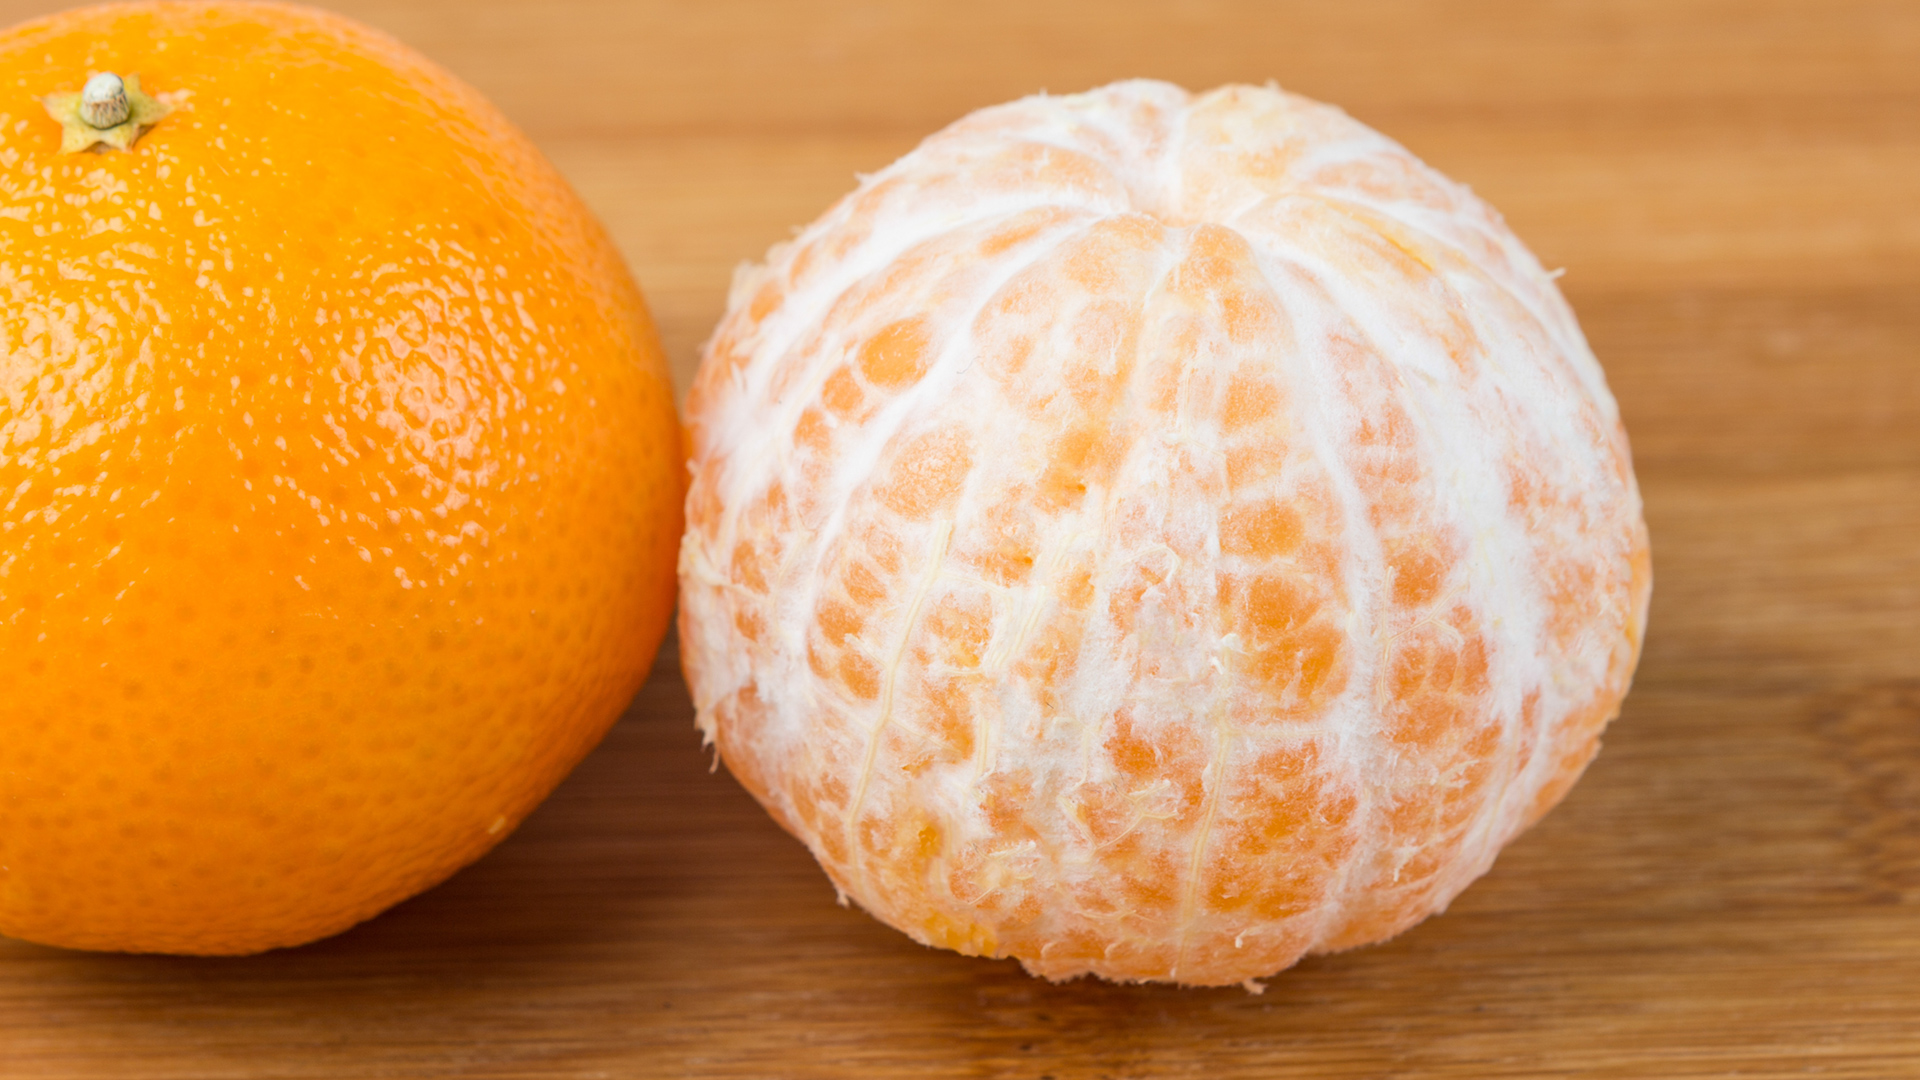 Biała skórka pomarańczy